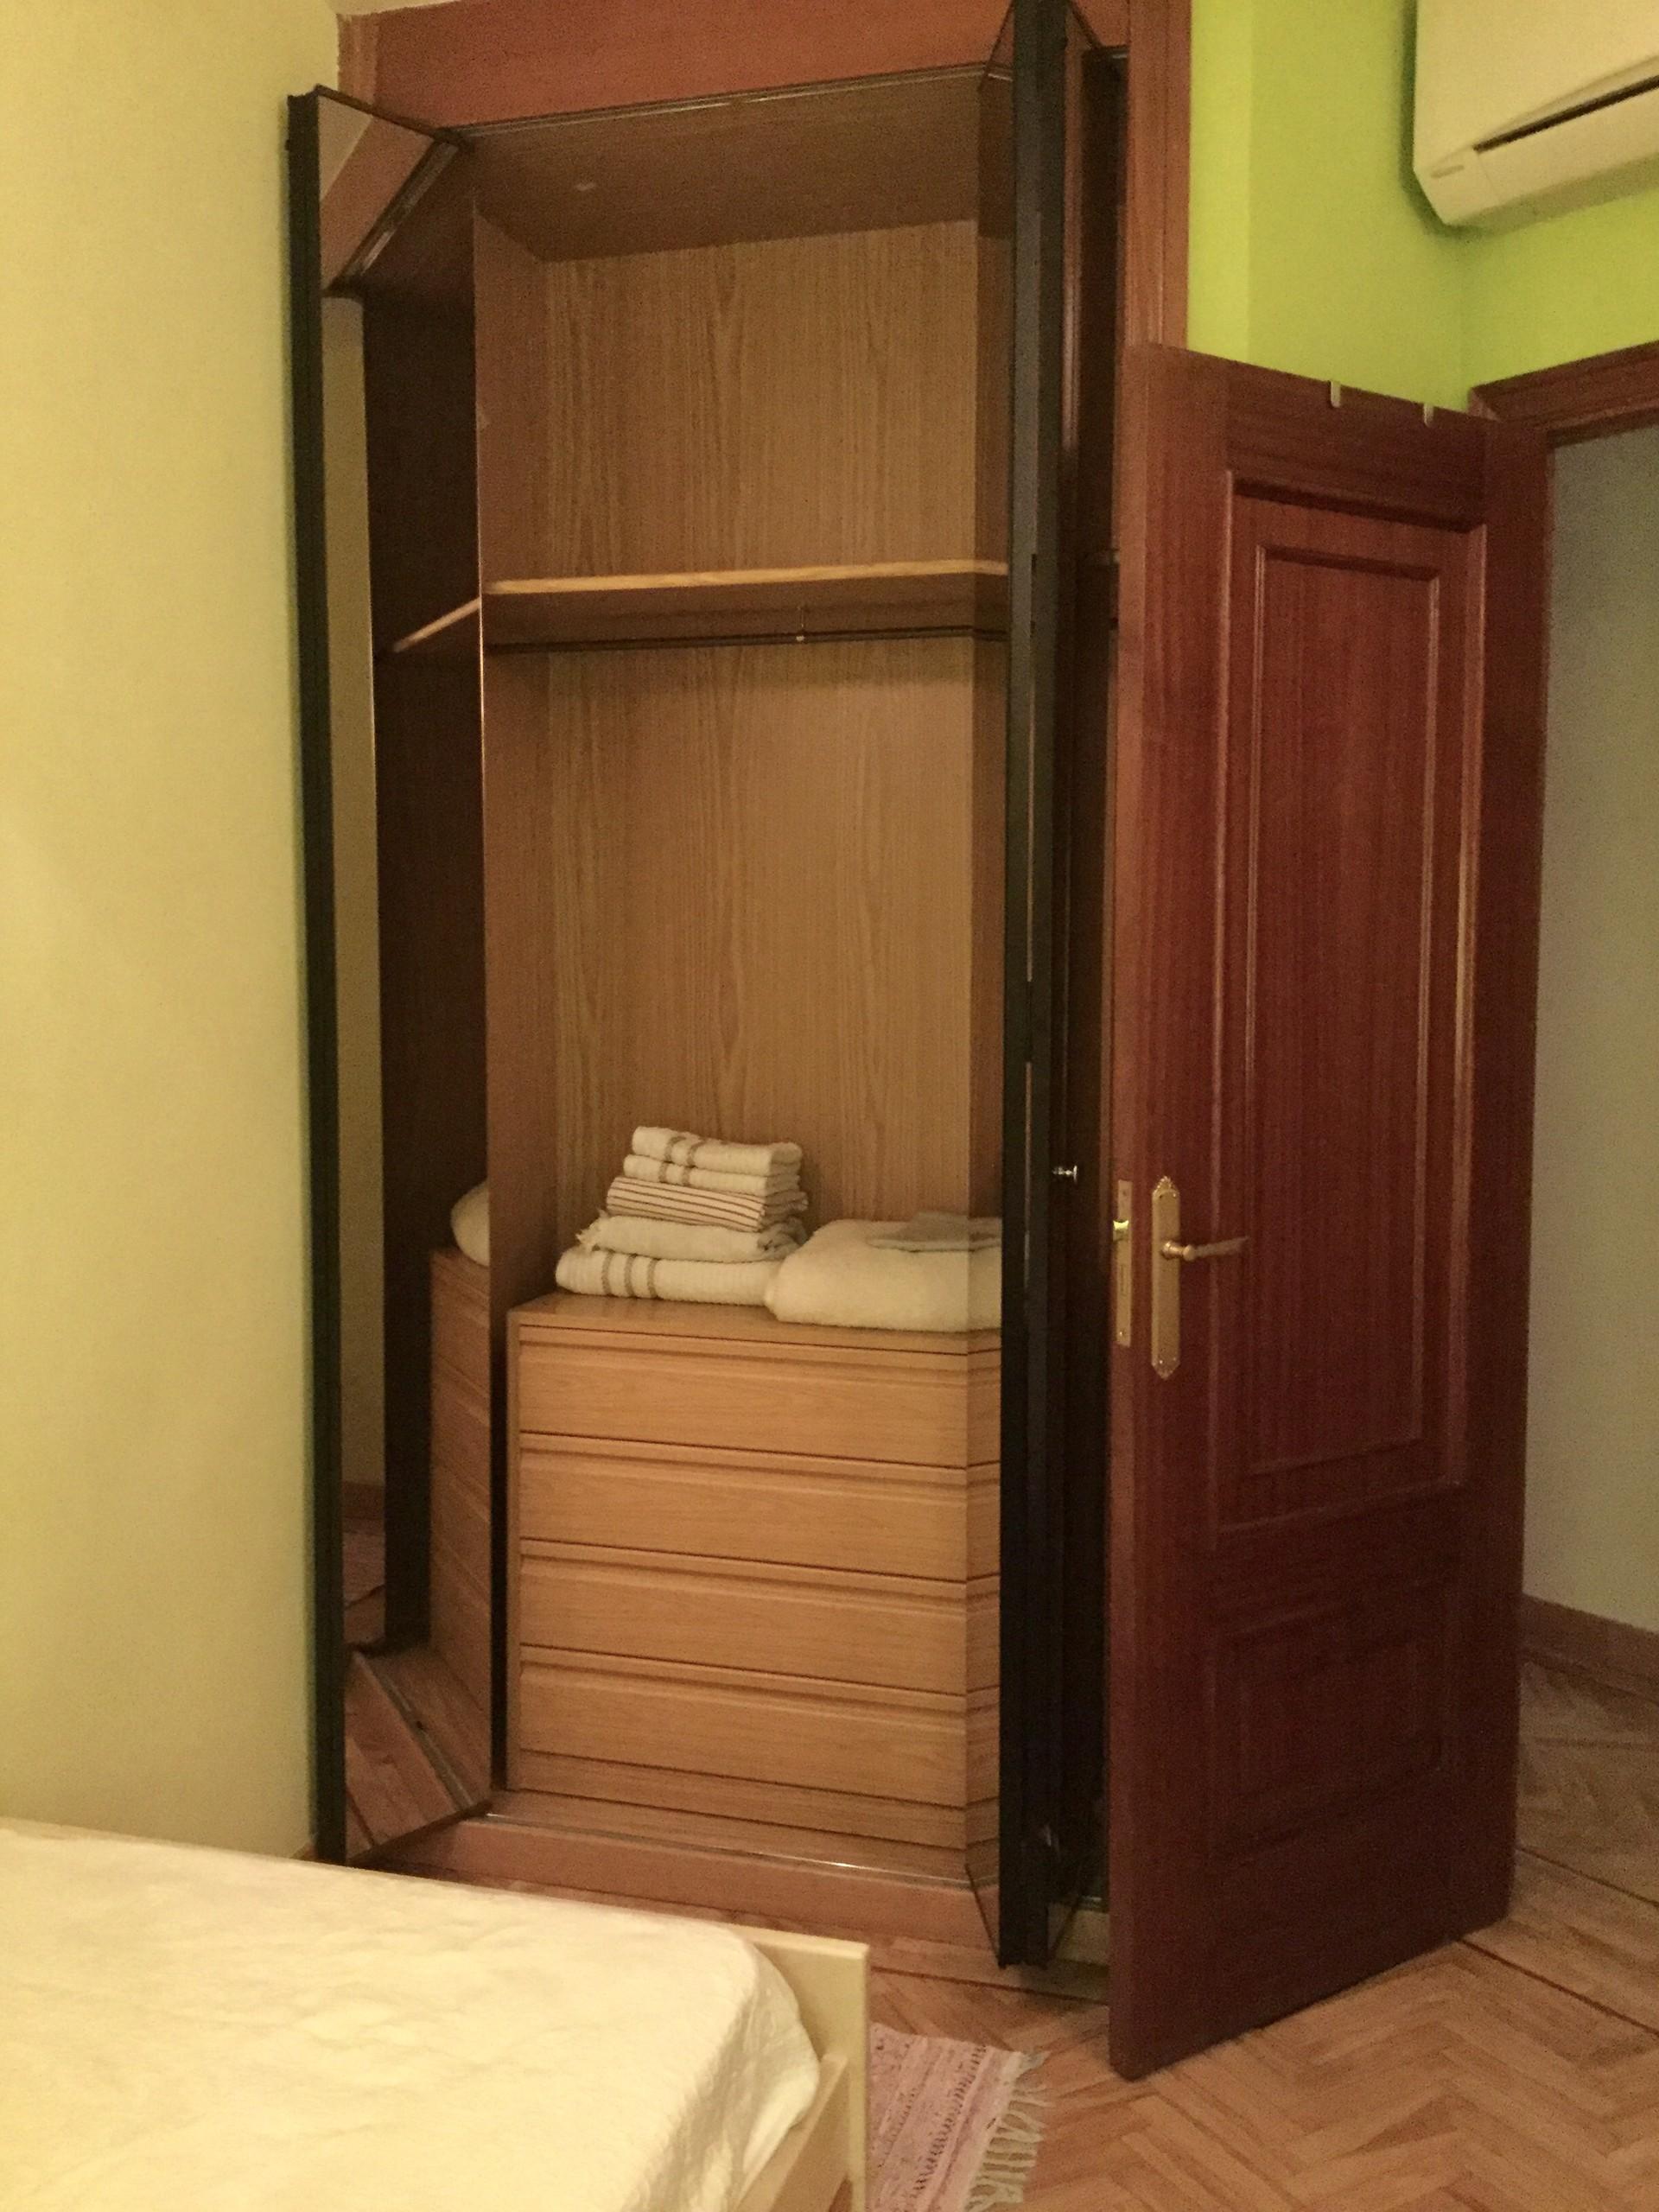 Habitaci n individual con ba o privado en legazpi madrid - Banos en madrid ...